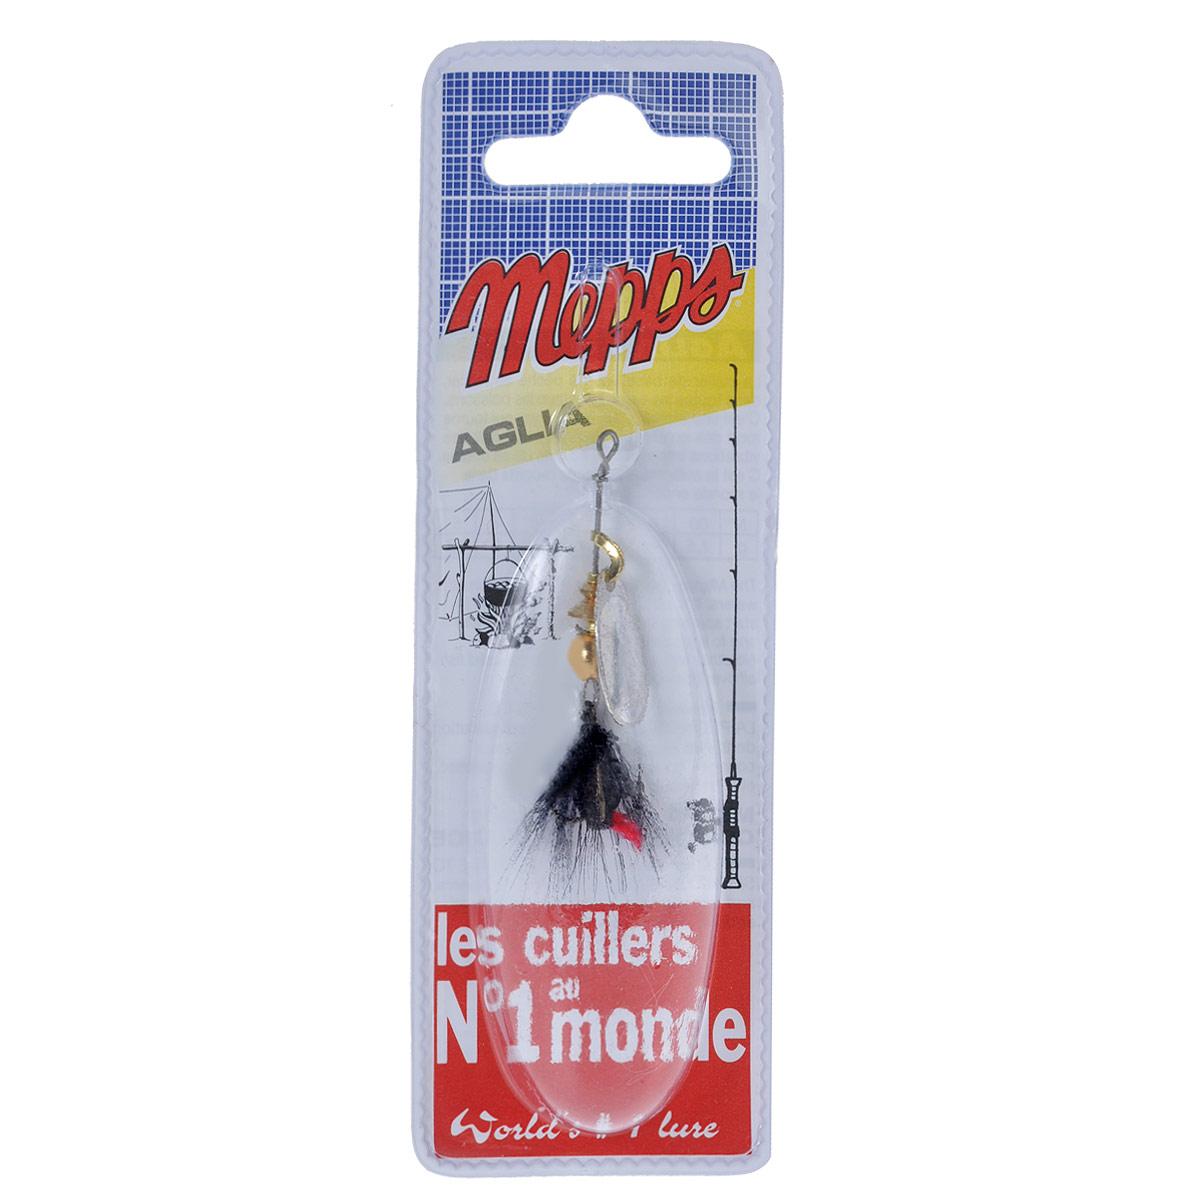 Блесна Mepps Aglia AG Mouch. Noire, вращающаяся, №067744Вращающаяся блесна Mepps Aglia AG Mouch. Noire оснащена мушкой из натурального беличьего хвоста, это очень эффективные приманки для ловли жереха, голавля, язя, окуня и других видов рыб, особенно в периоды массового вылета насекомых.Aglia Mouche - некрупная блесна, которая особенно подходит для летней ловли рыбы (особенно осторожной) на мелководье.